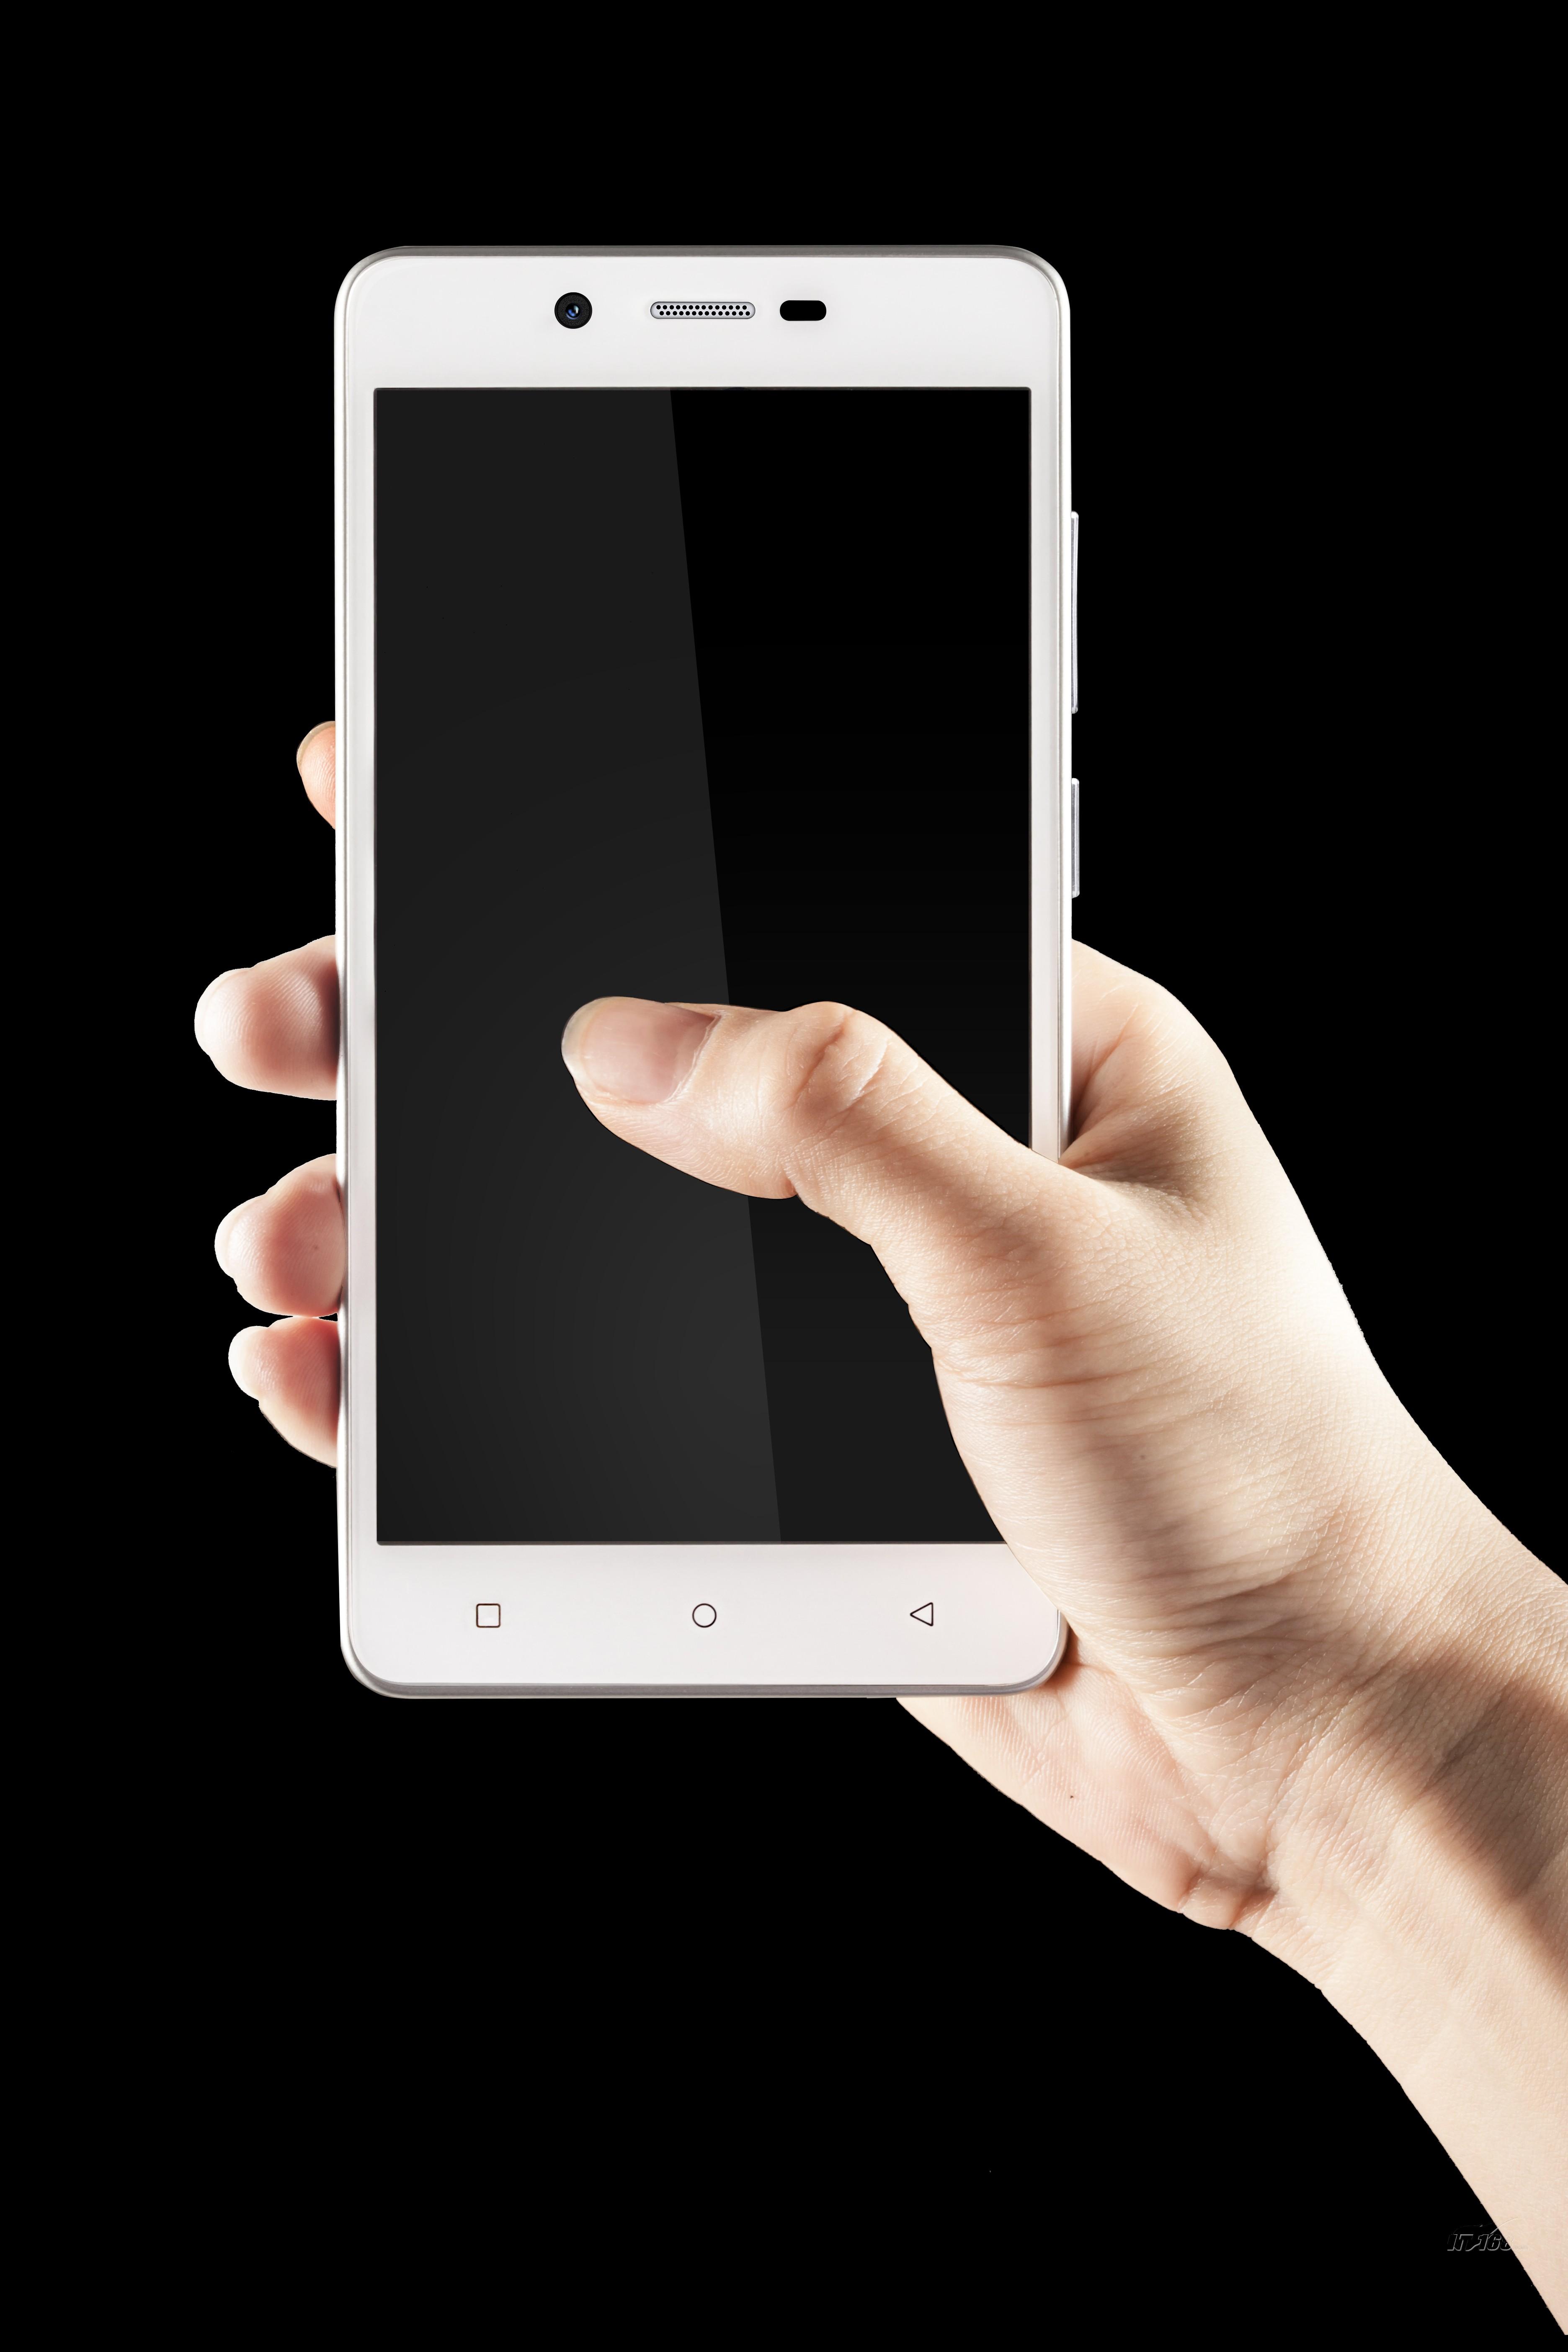 金立gn152 玉石白 移动4g手机产品图片30素材-it168